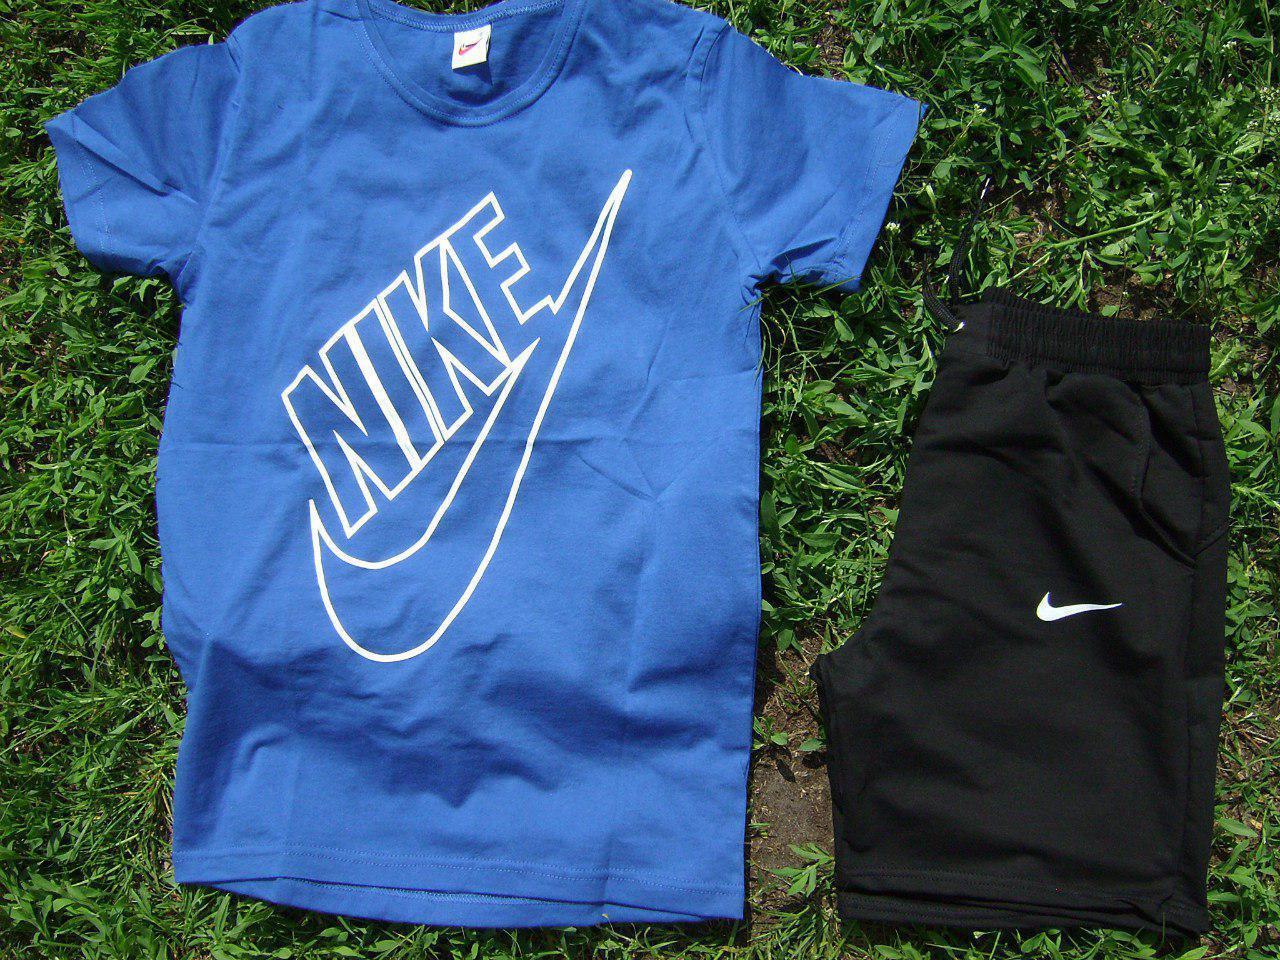 Мужской комплект футболка + шорты Nike синего и черного цвета